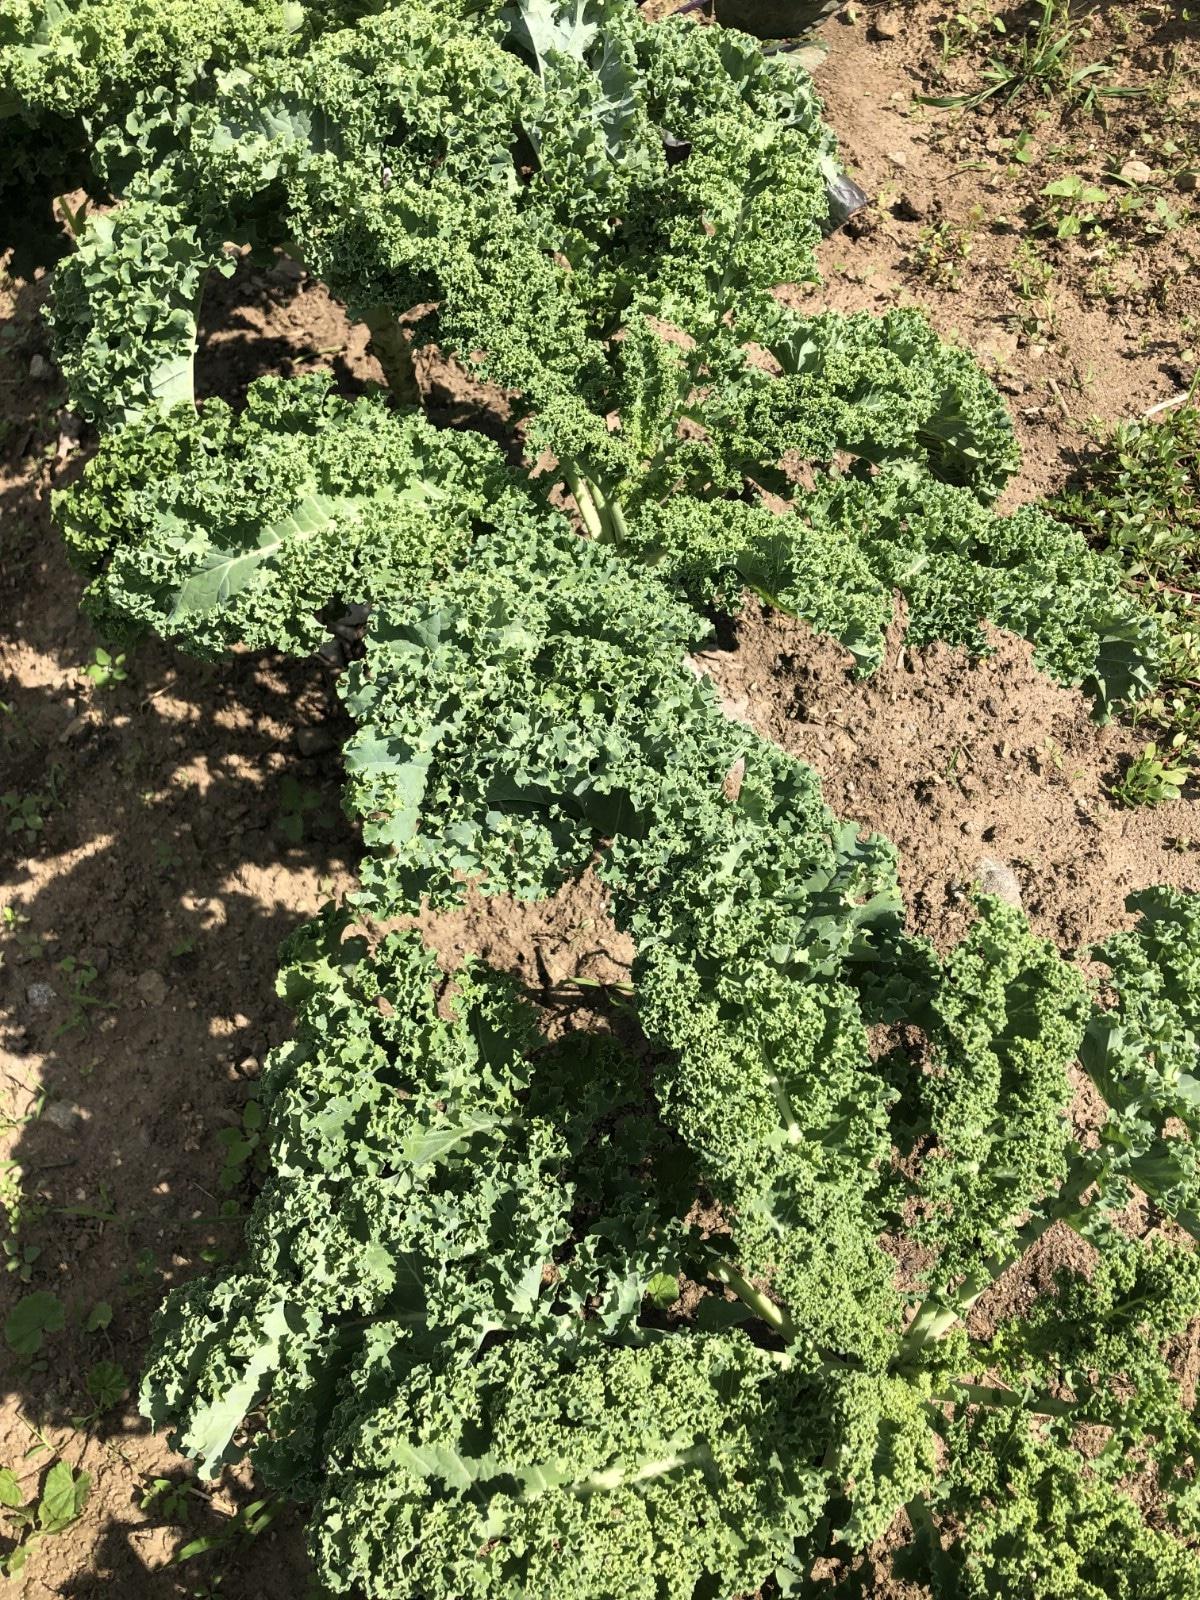 established kale plants growing in October